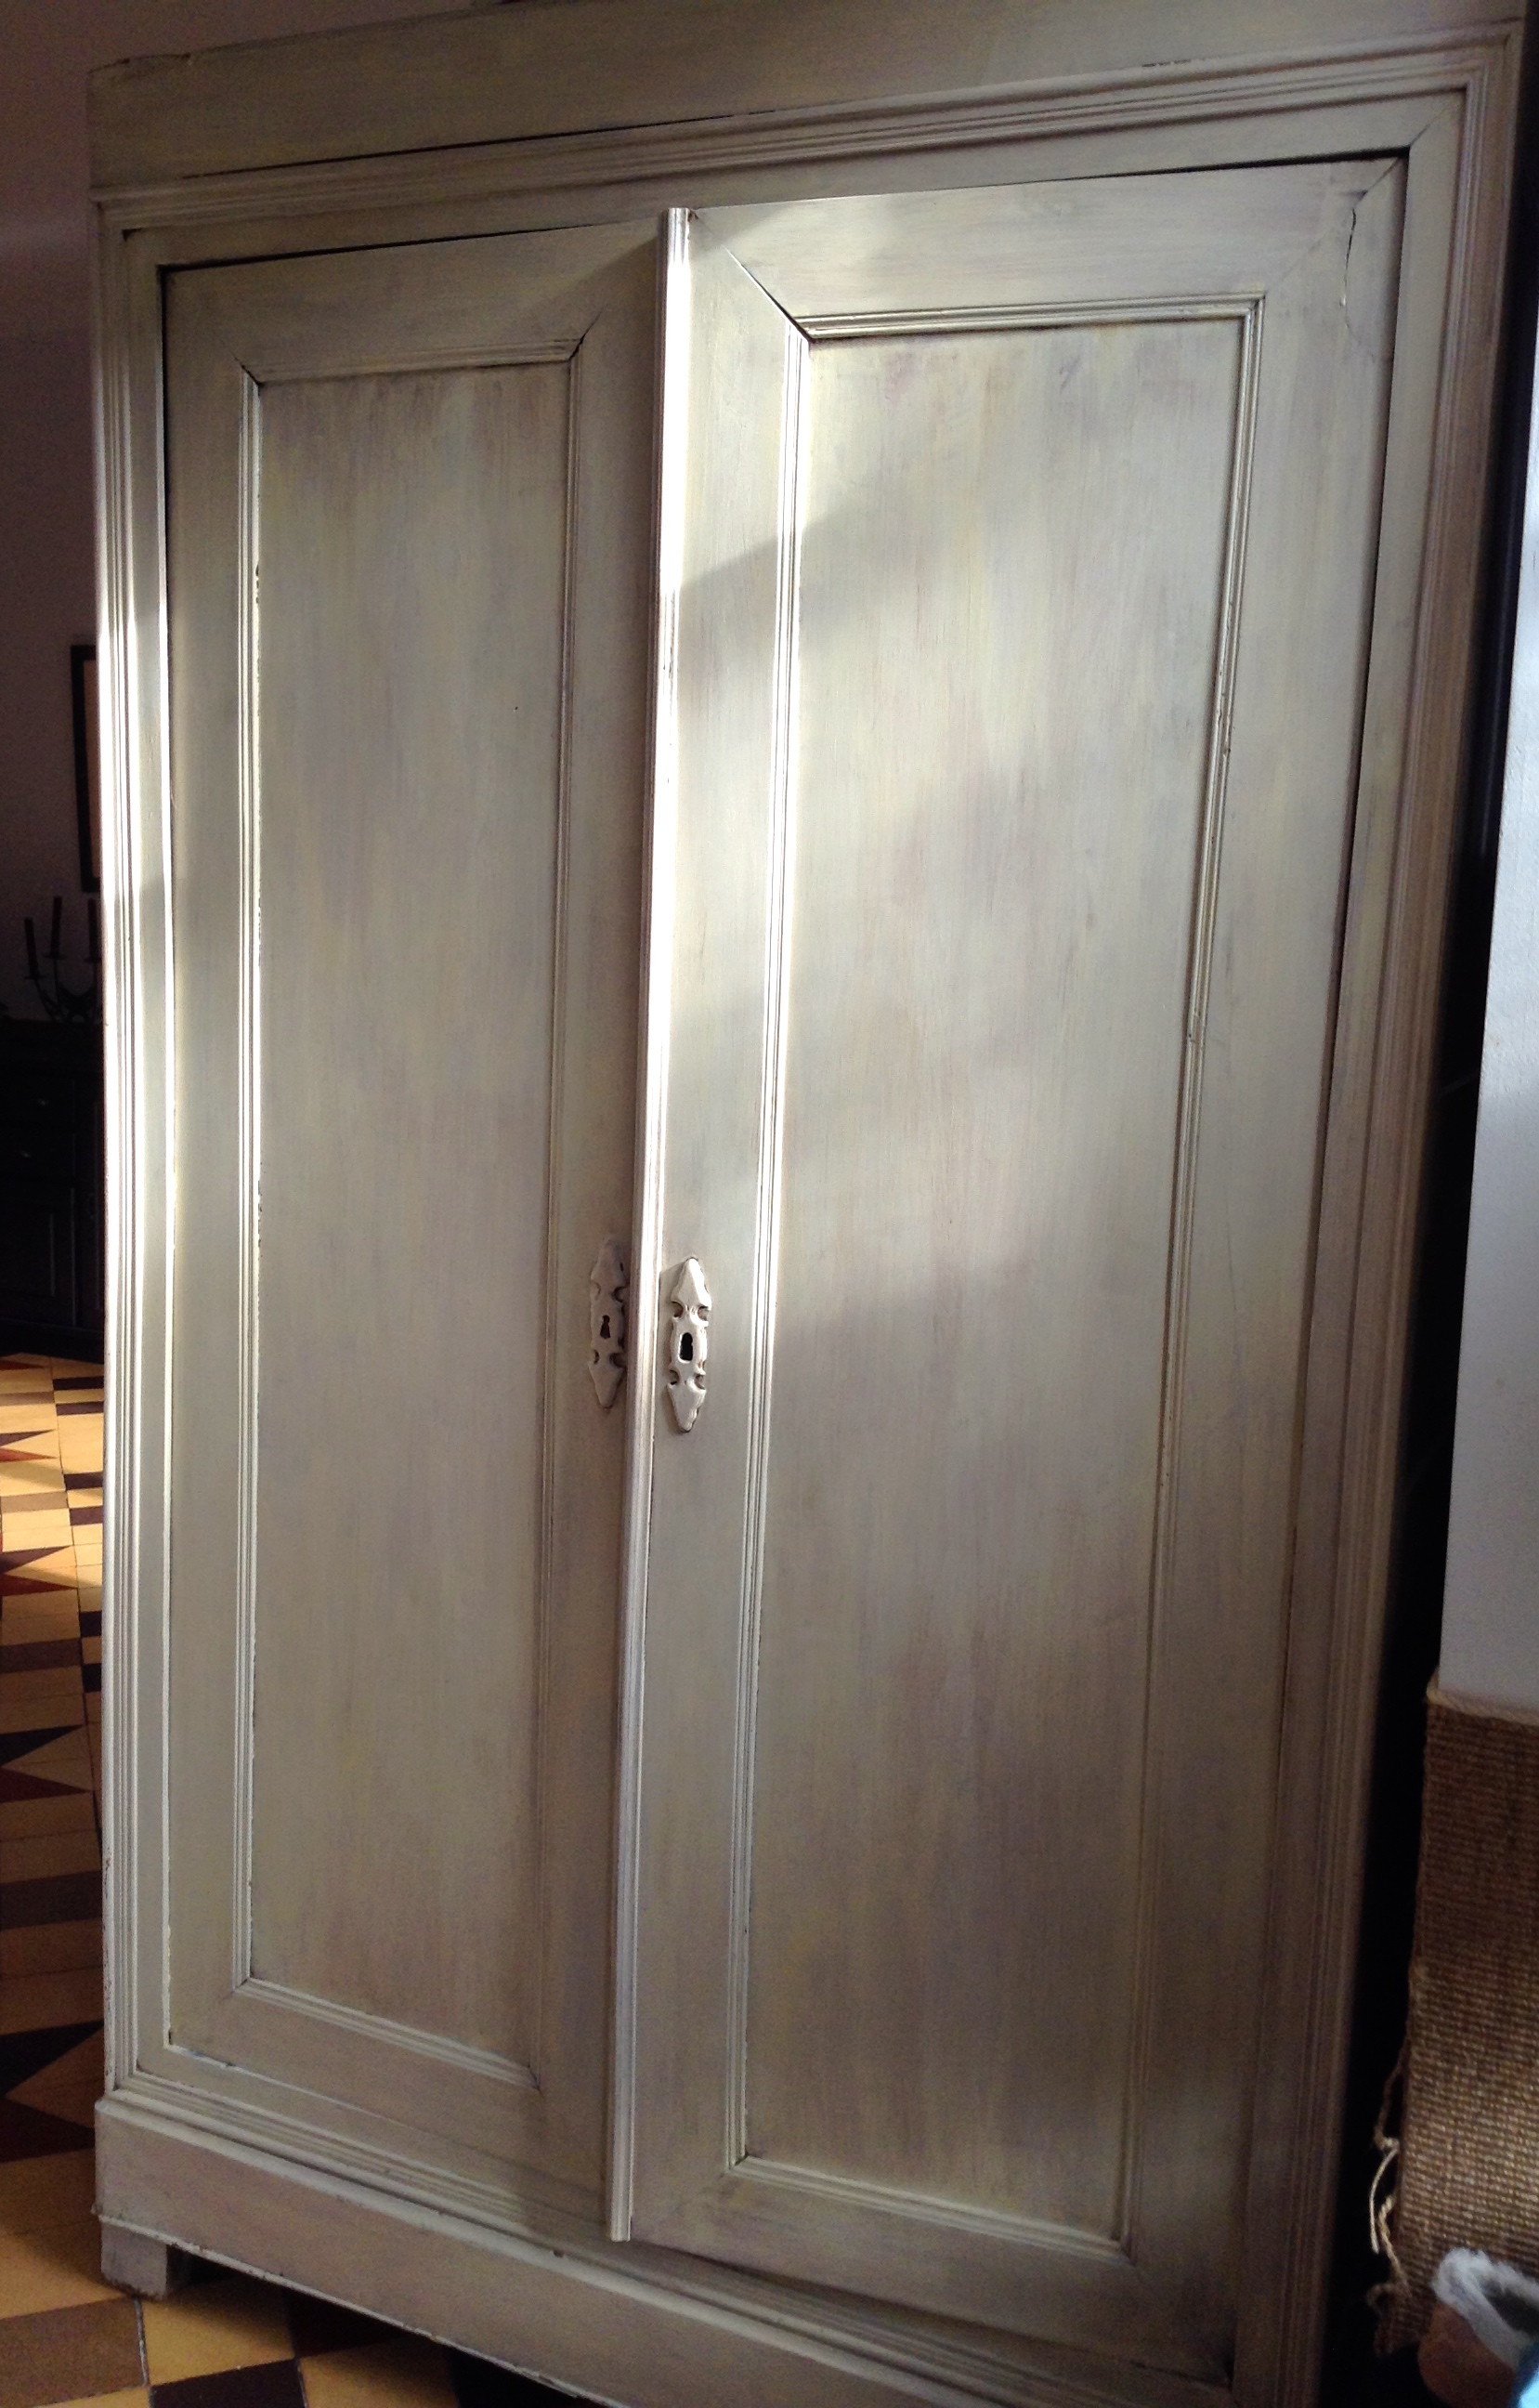 relooker vieux meuble free de vieux meubles with relooker vieux meuble relooking meuble peint. Black Bedroom Furniture Sets. Home Design Ideas